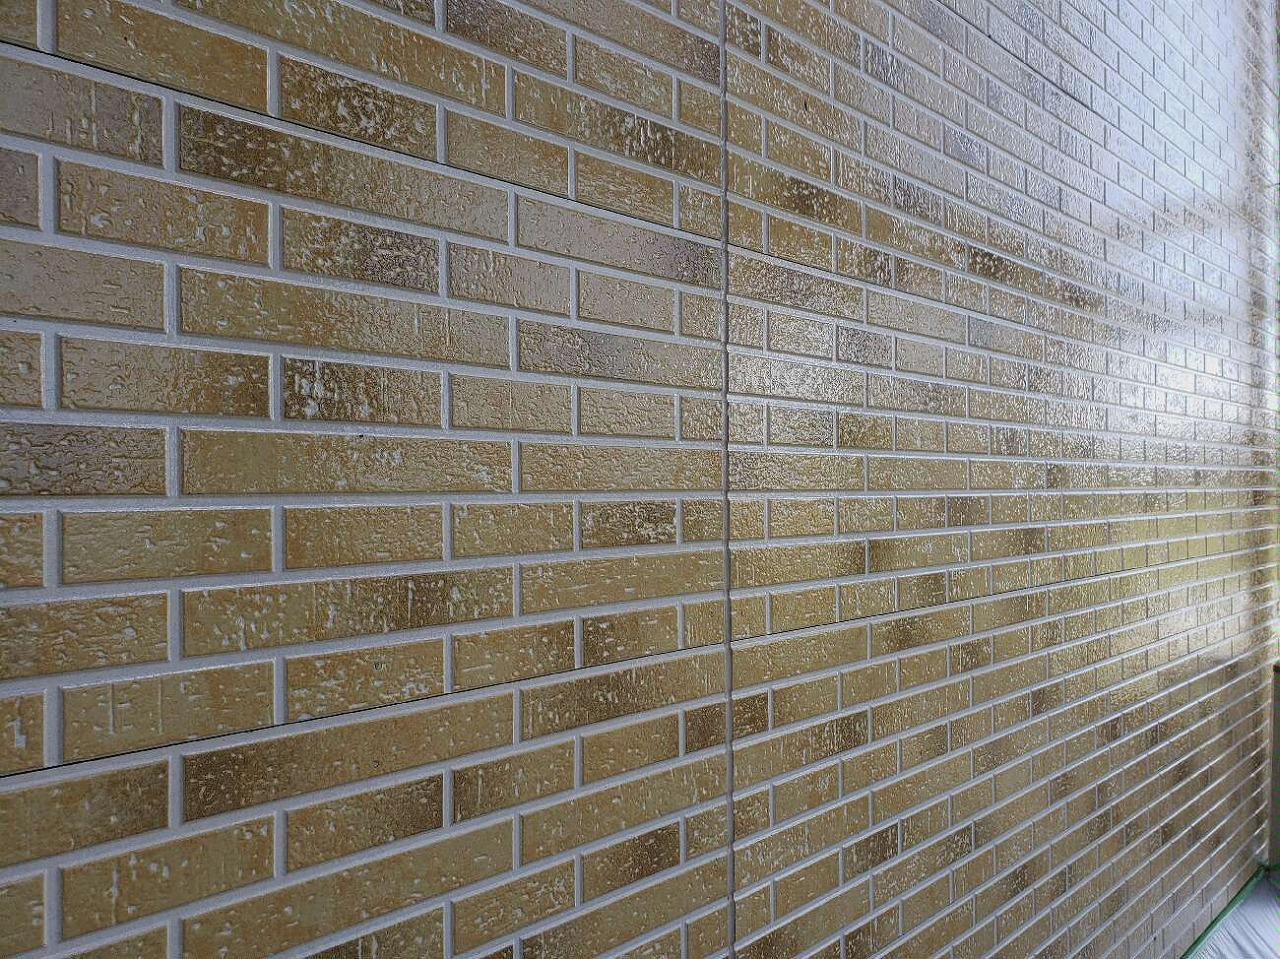 塗替えセミナーにご参加いただき、今回施工させていただくことが出来ました! 塗装をすることによって艶が出て、外壁の色が生きるようになったと思います。 また、今回使用した塗料は、紫外線吸収剤によって色褪せを最小限に抑える効果があるため、艶を長期間保つことが期待できます!